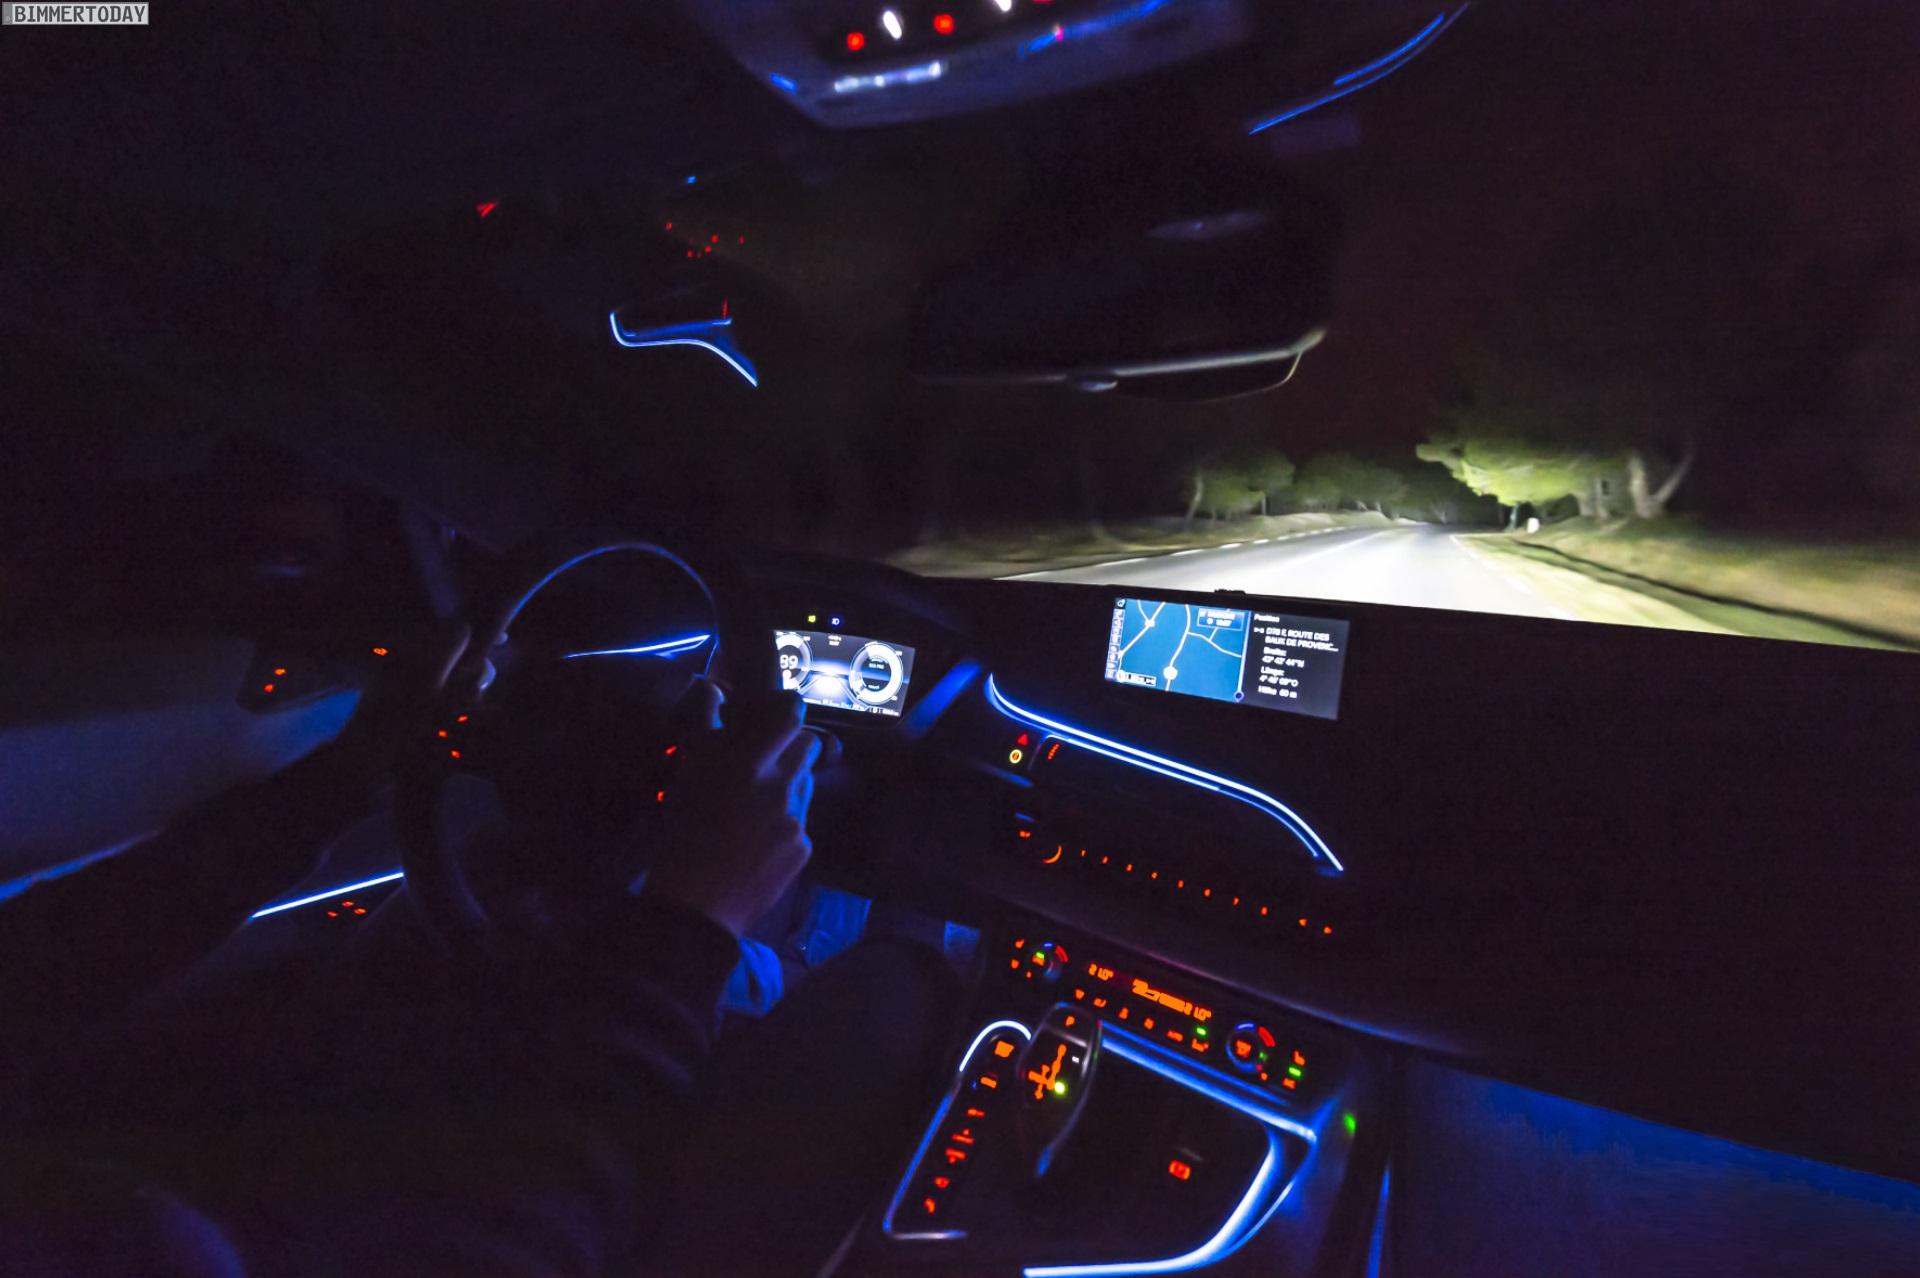 Fahrbericht Laserlicht Bmw I8 Laser Scheinwerfer Bei Nacht